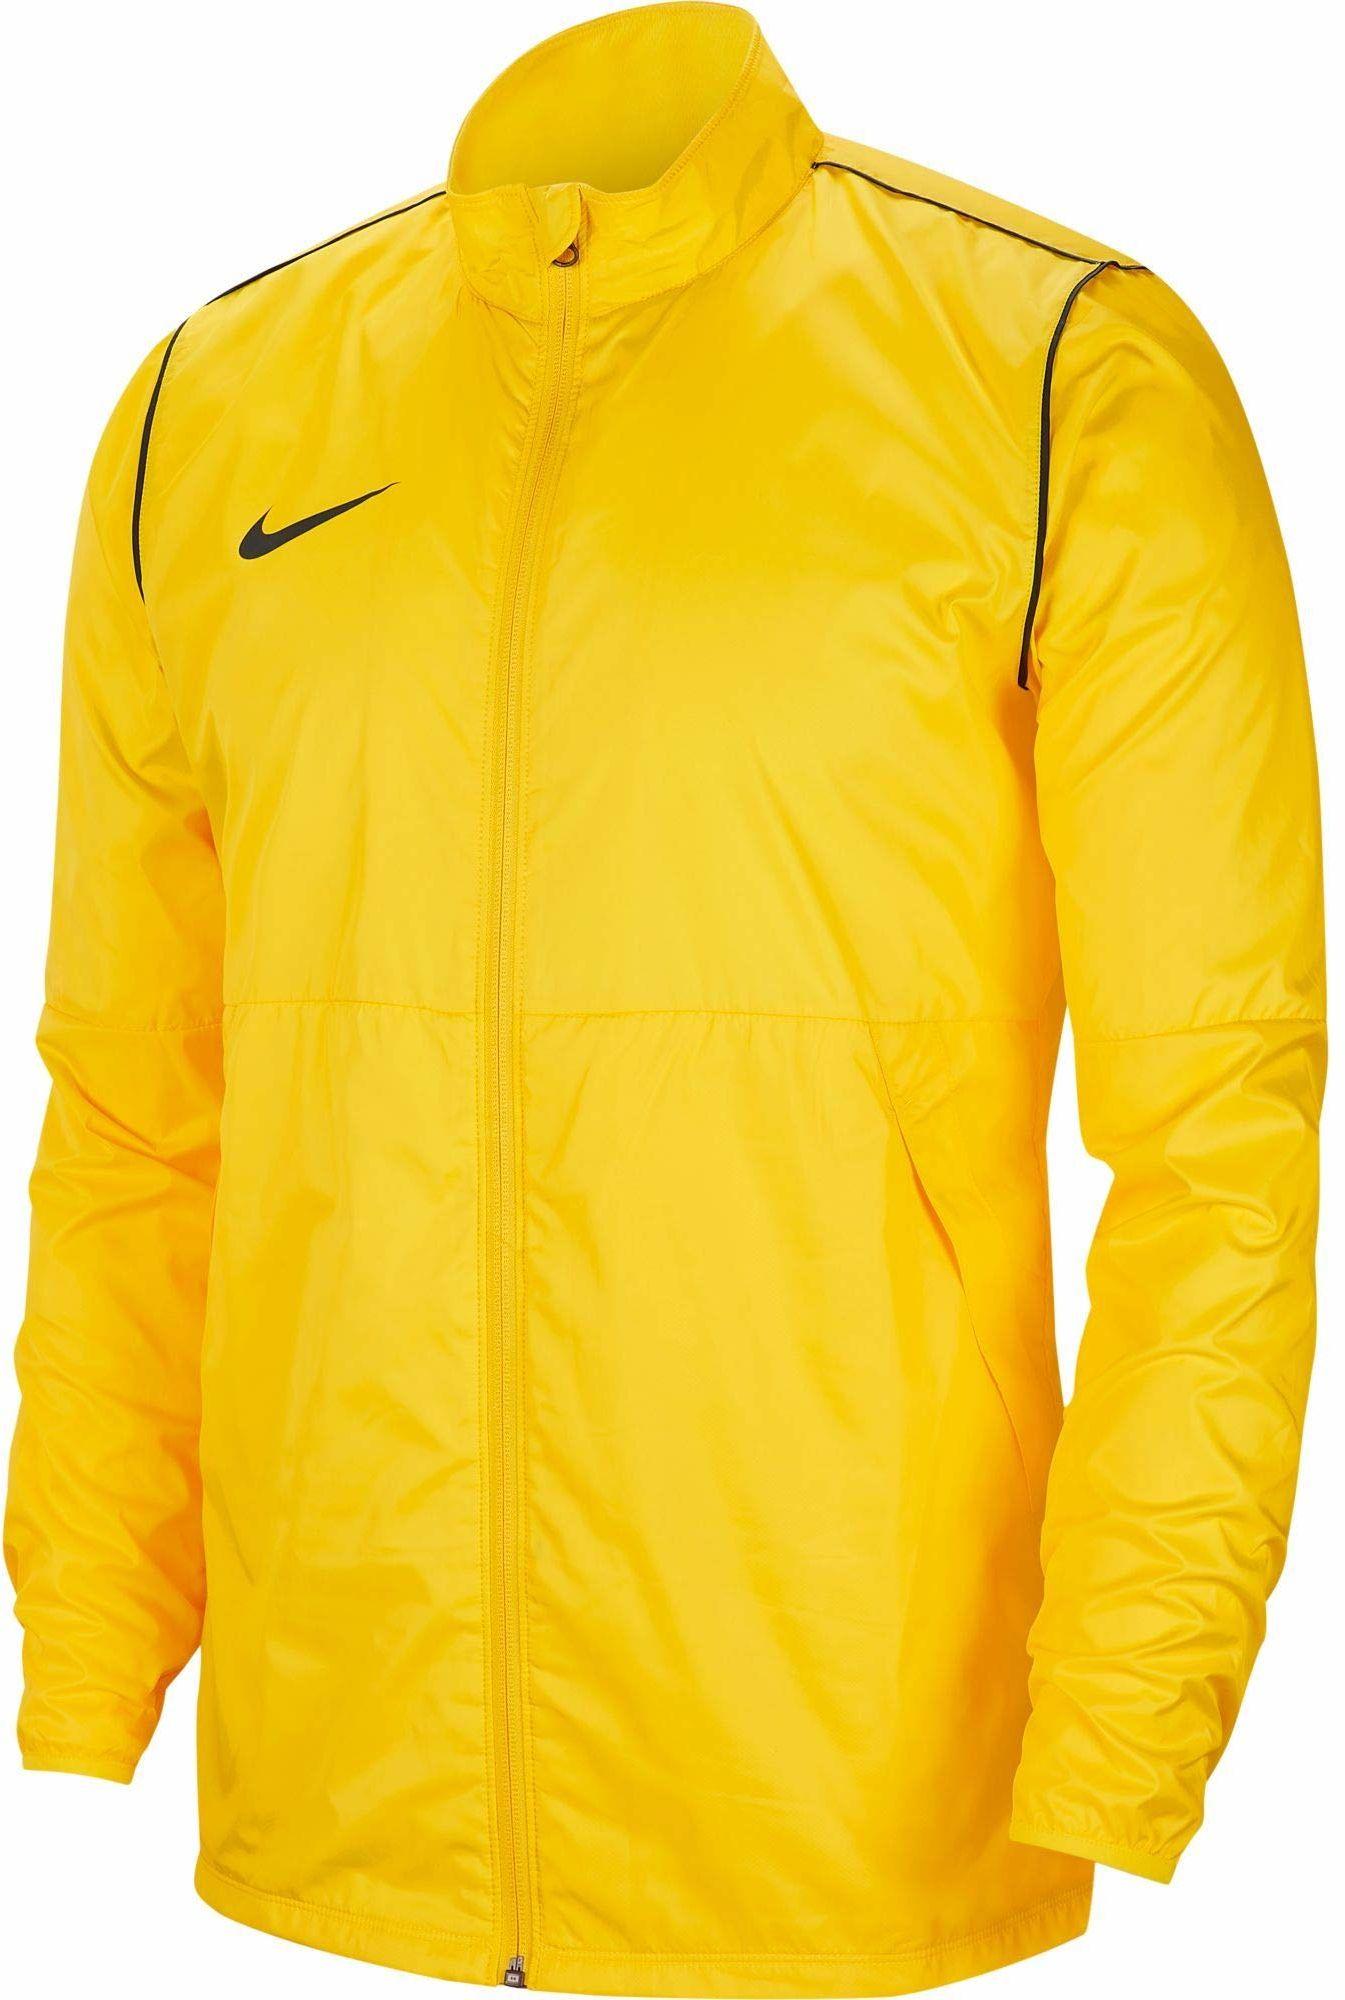 Nike Męska kurtka przeciwdeszczowa Park20 Tour Żółty/Czarny (Czarny) XL